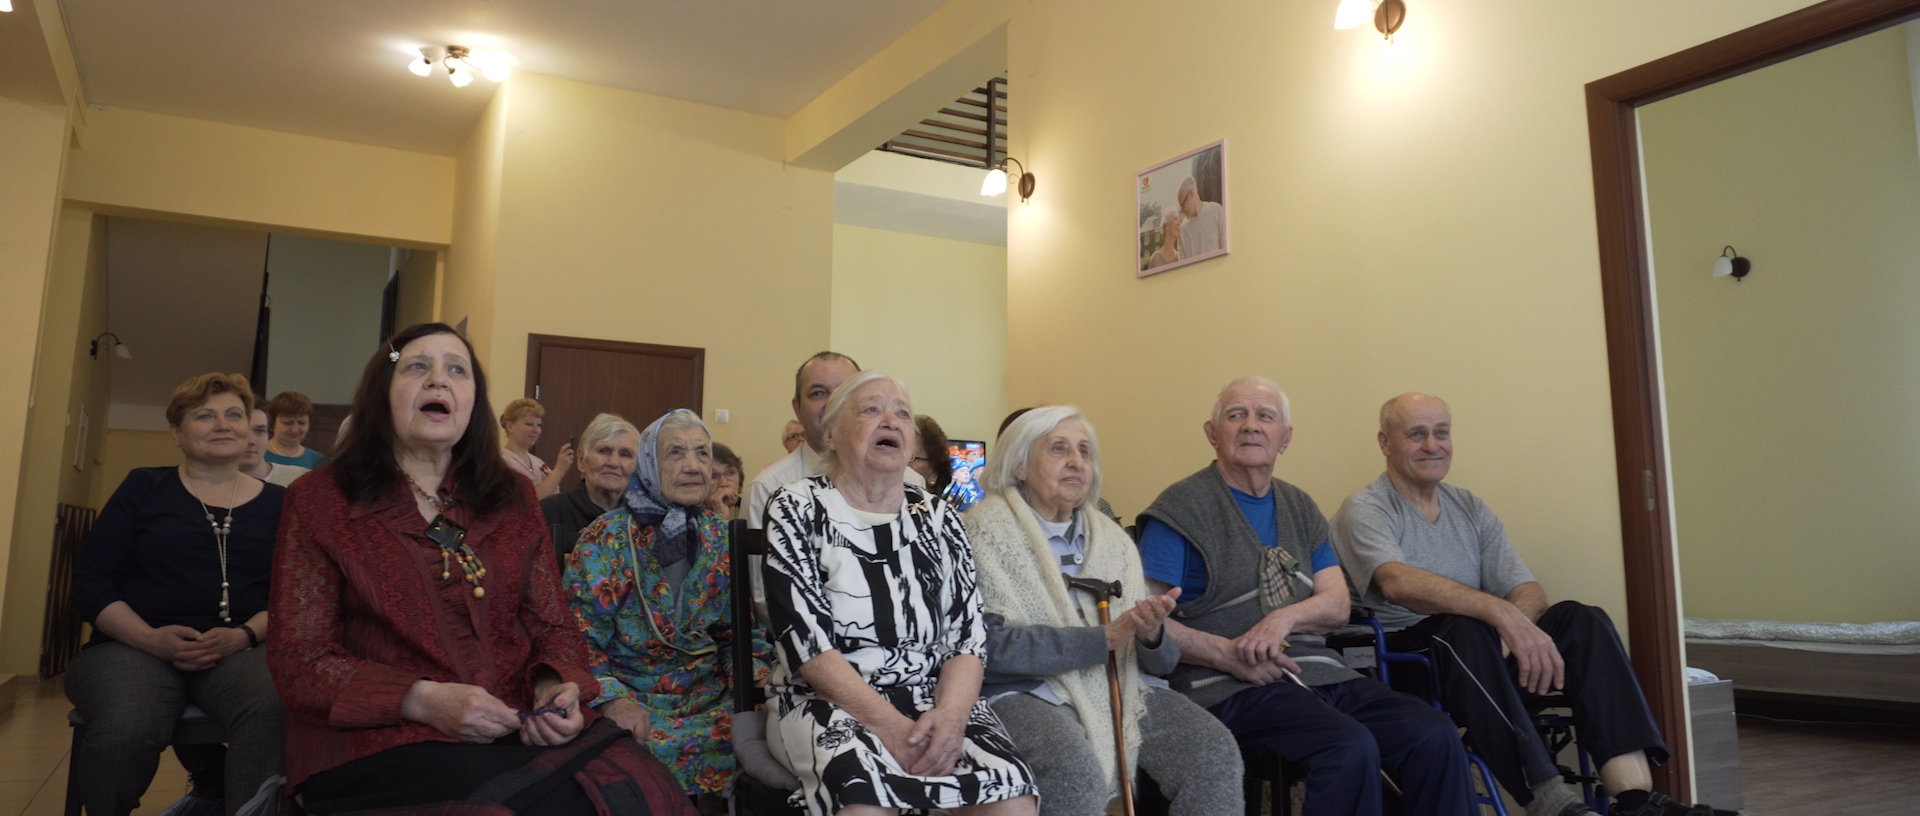 Пансионат для пожилых людей с деменцией подмосковье пансионат для лежачих престарелых в москве